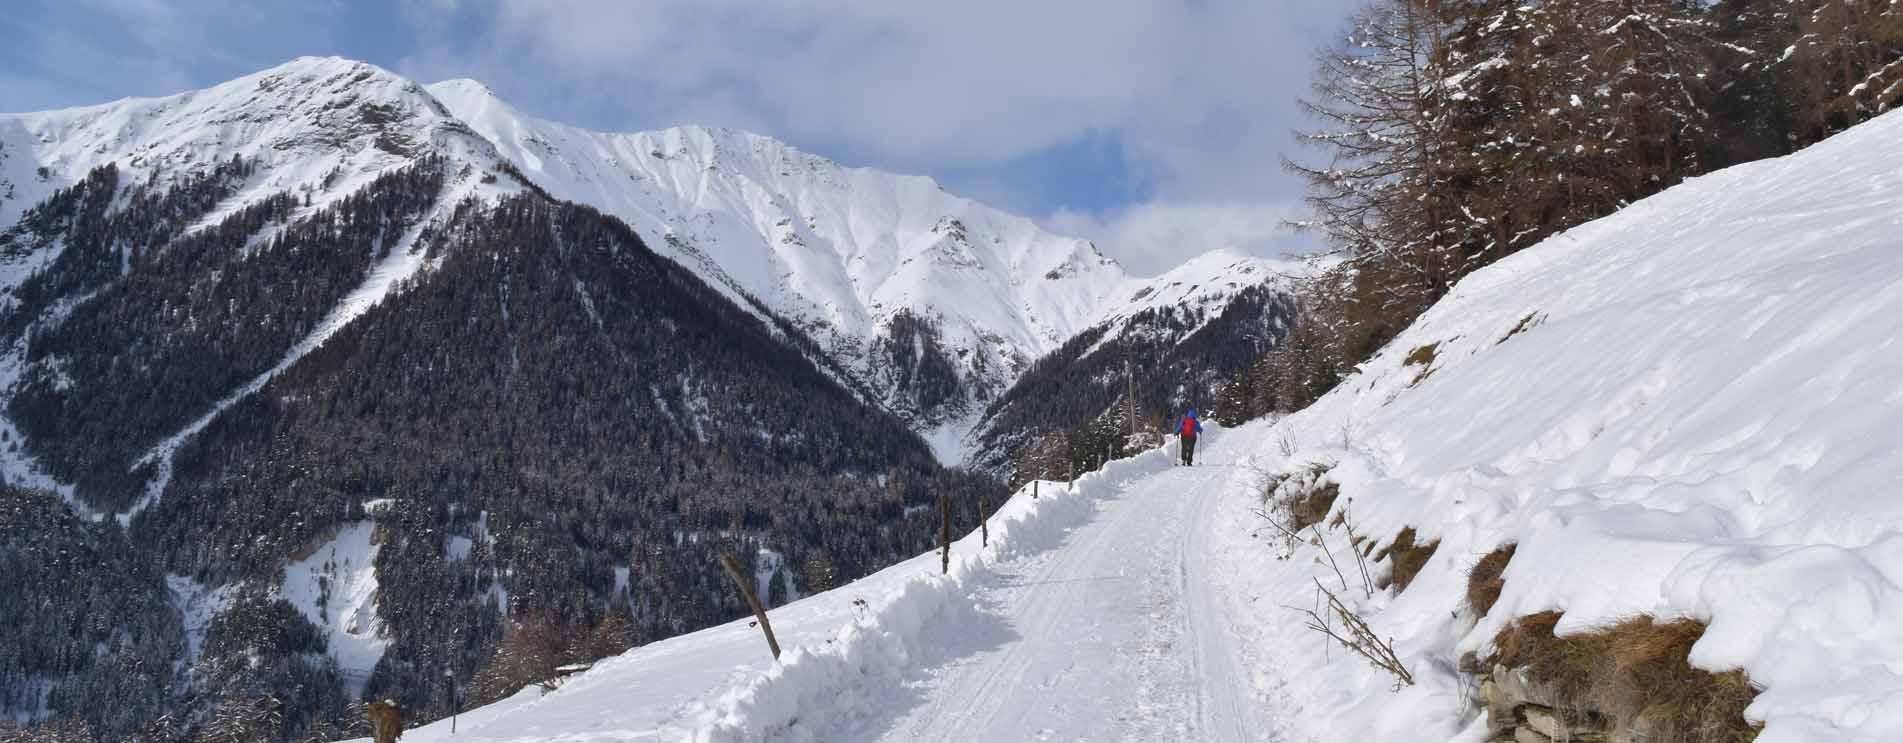 Winter-Rundwanderungen ohne Bergbahn – Die schönsten Winterwanderungen und Winterwanderwege ohne eine Bahn zu benützen